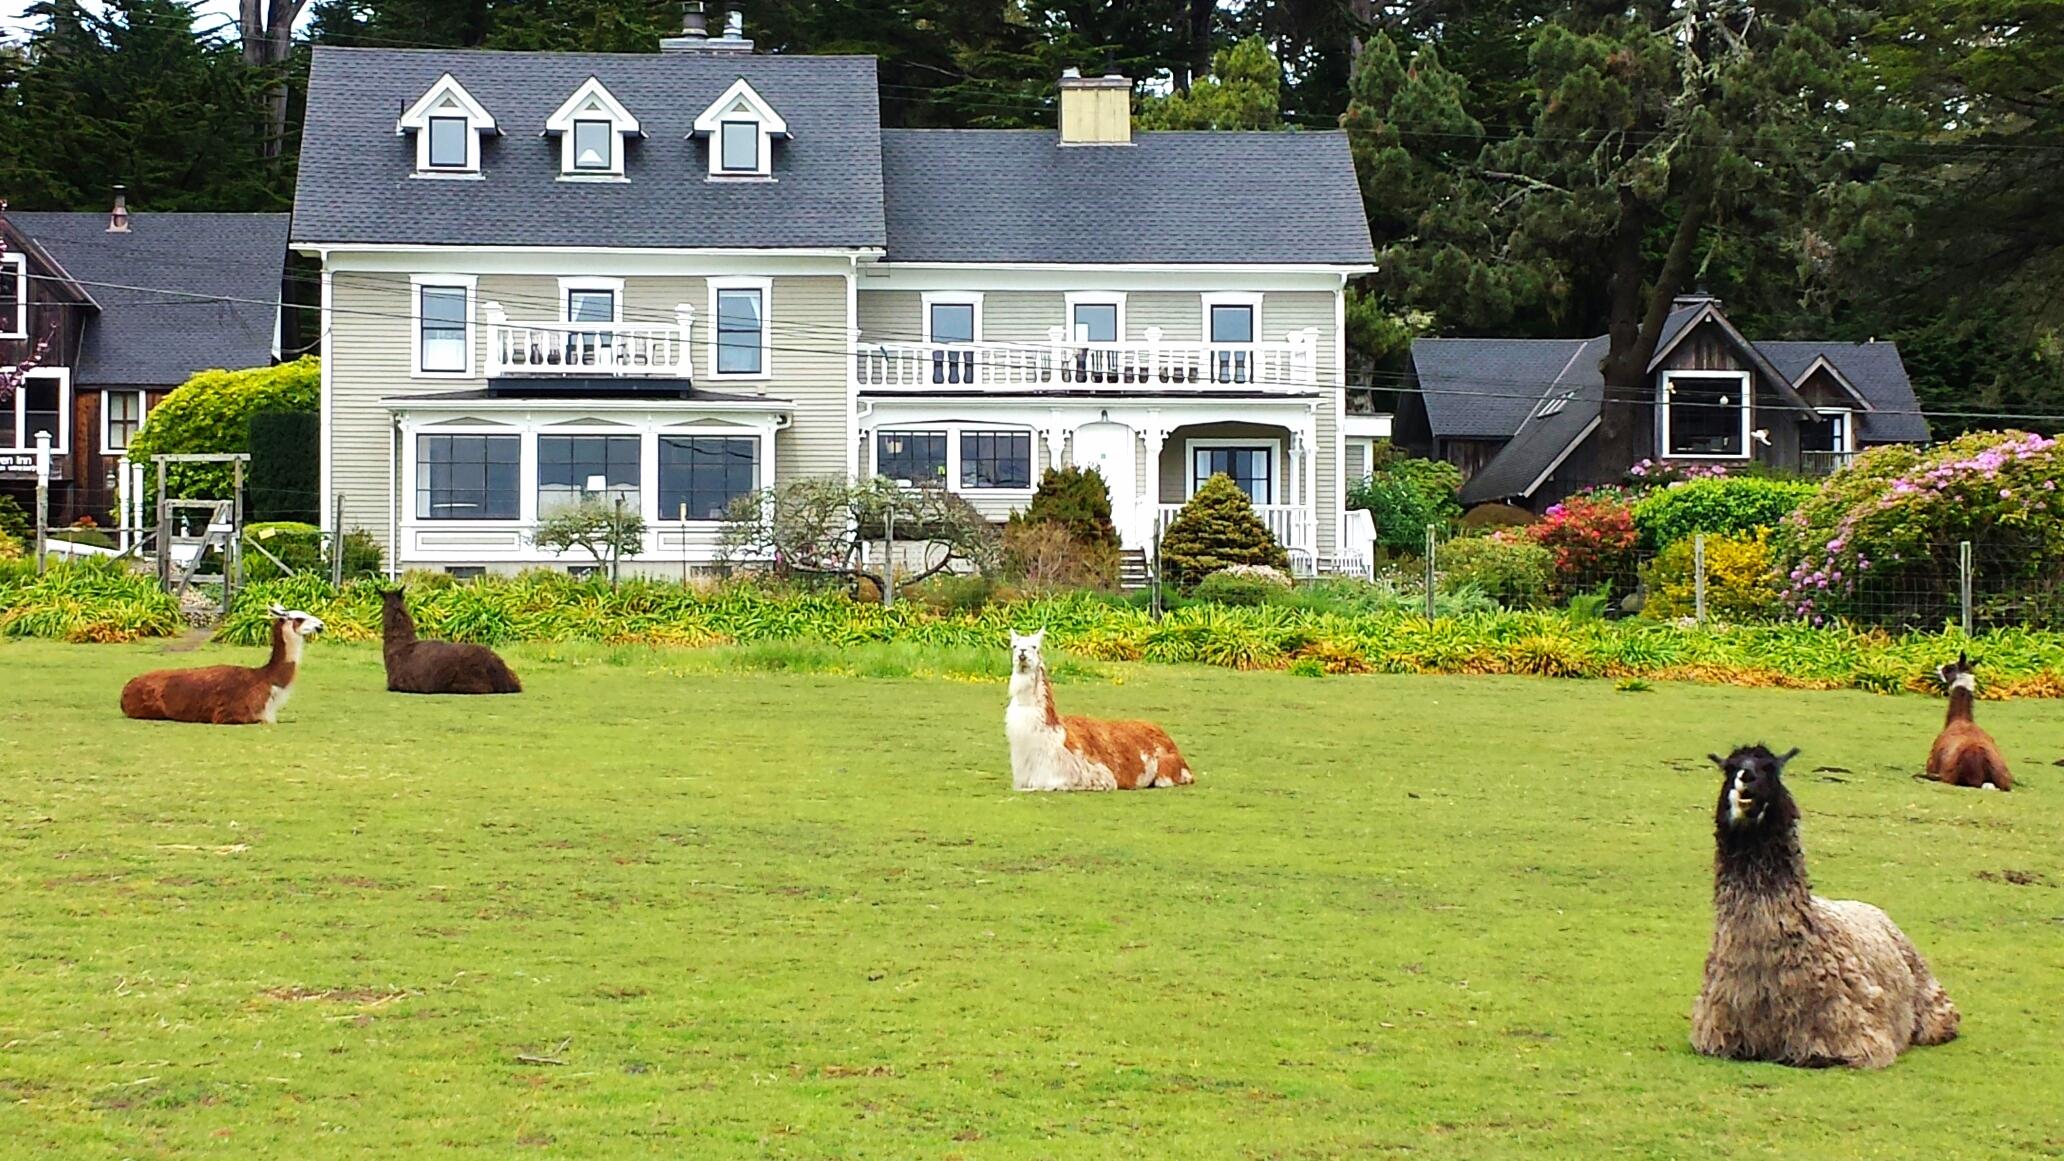 Click image for  Glendeven Inn